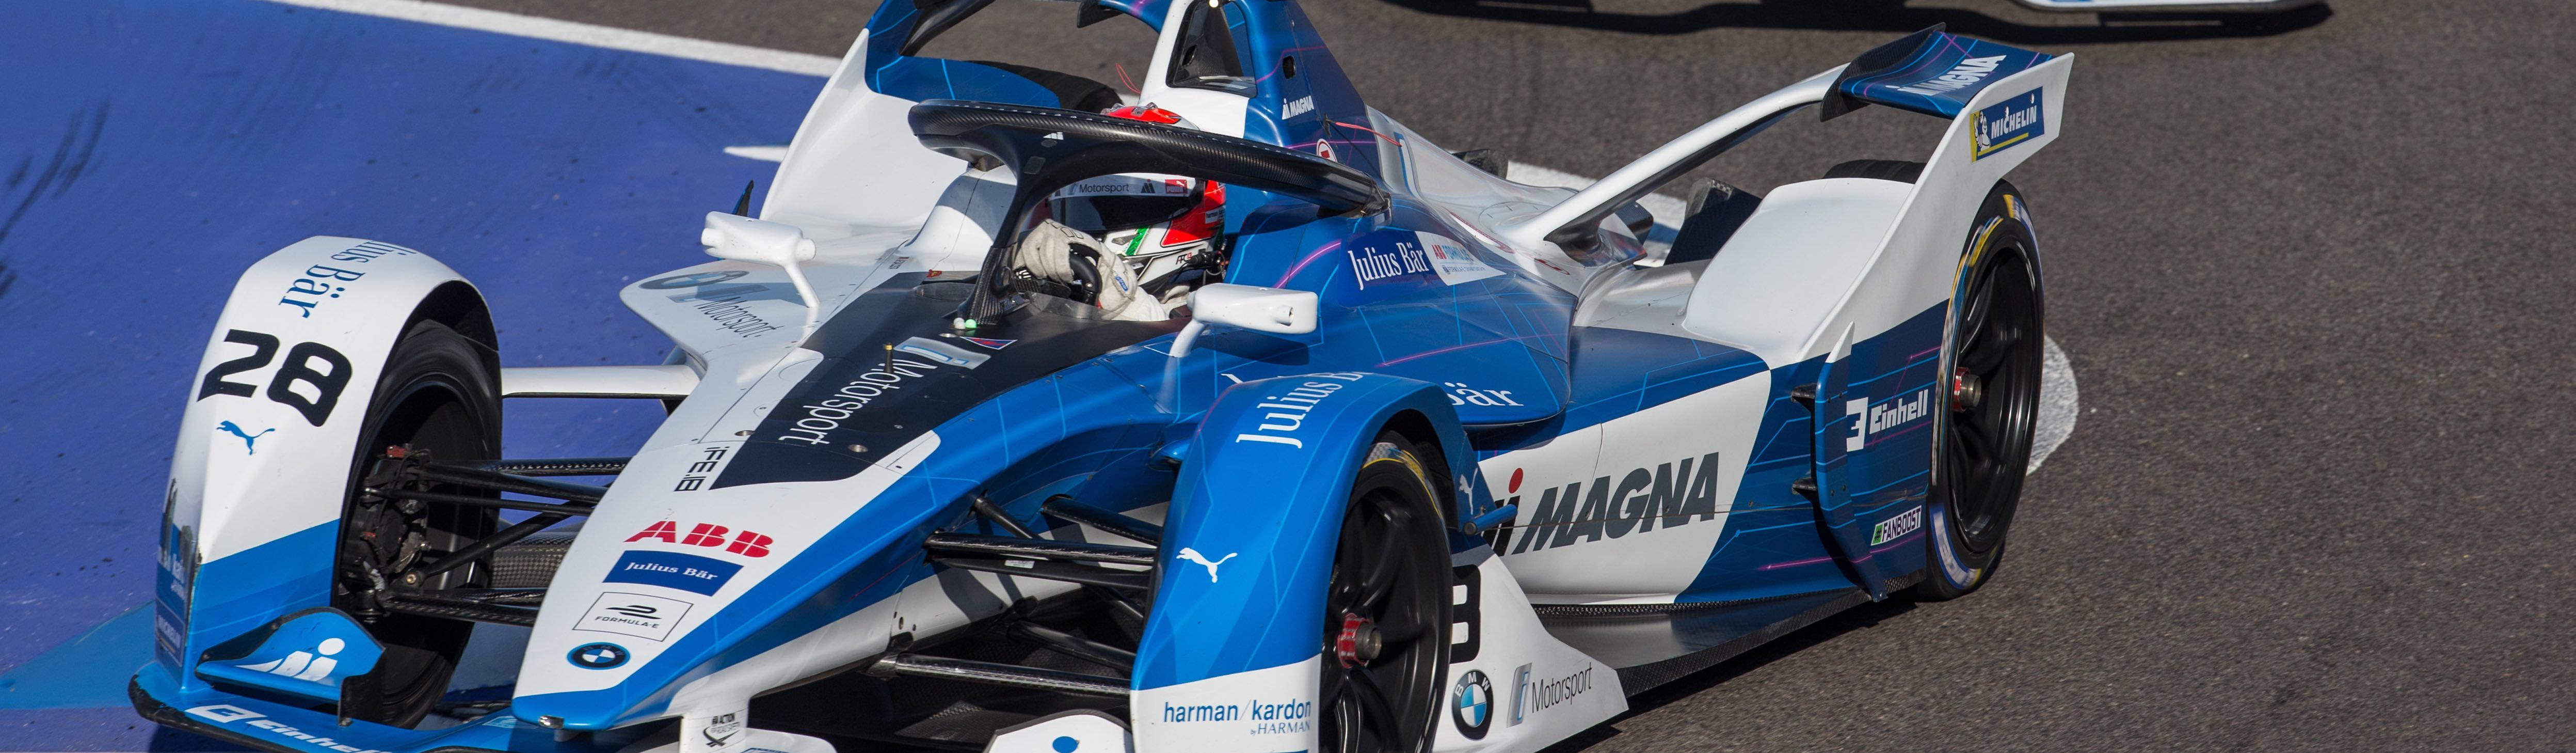 El equipo BMW i Andretti Motorsport de Fórmula E ya llegó a México